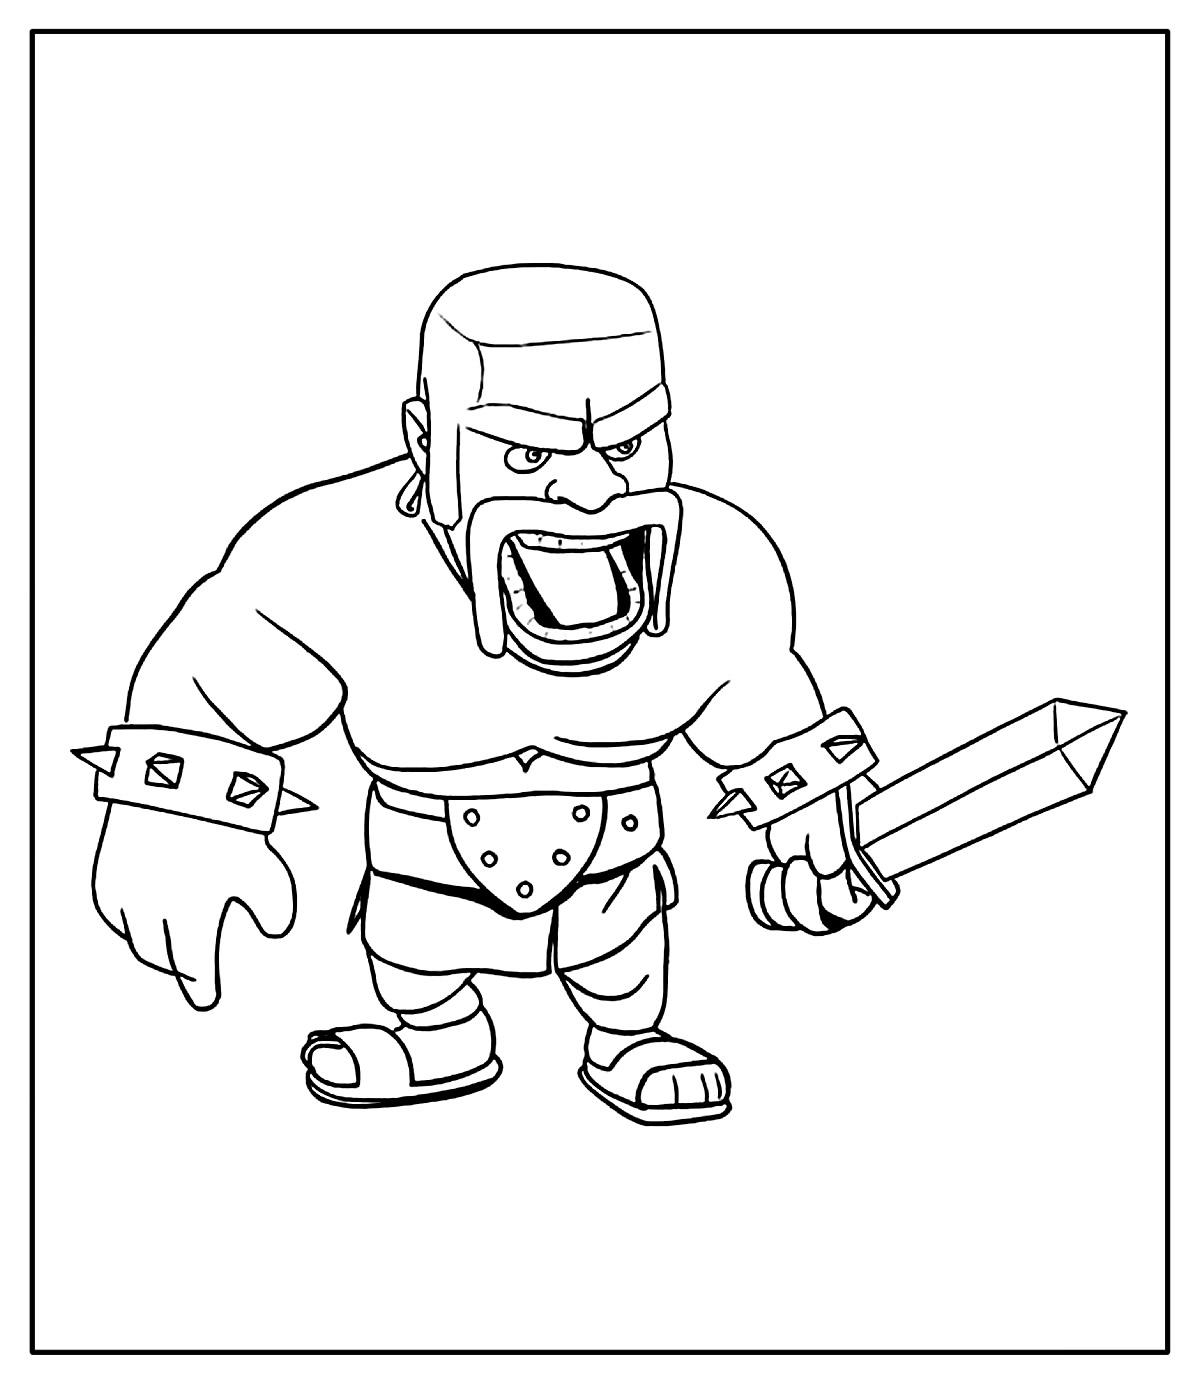 Desenho de Clash Royale para pintar